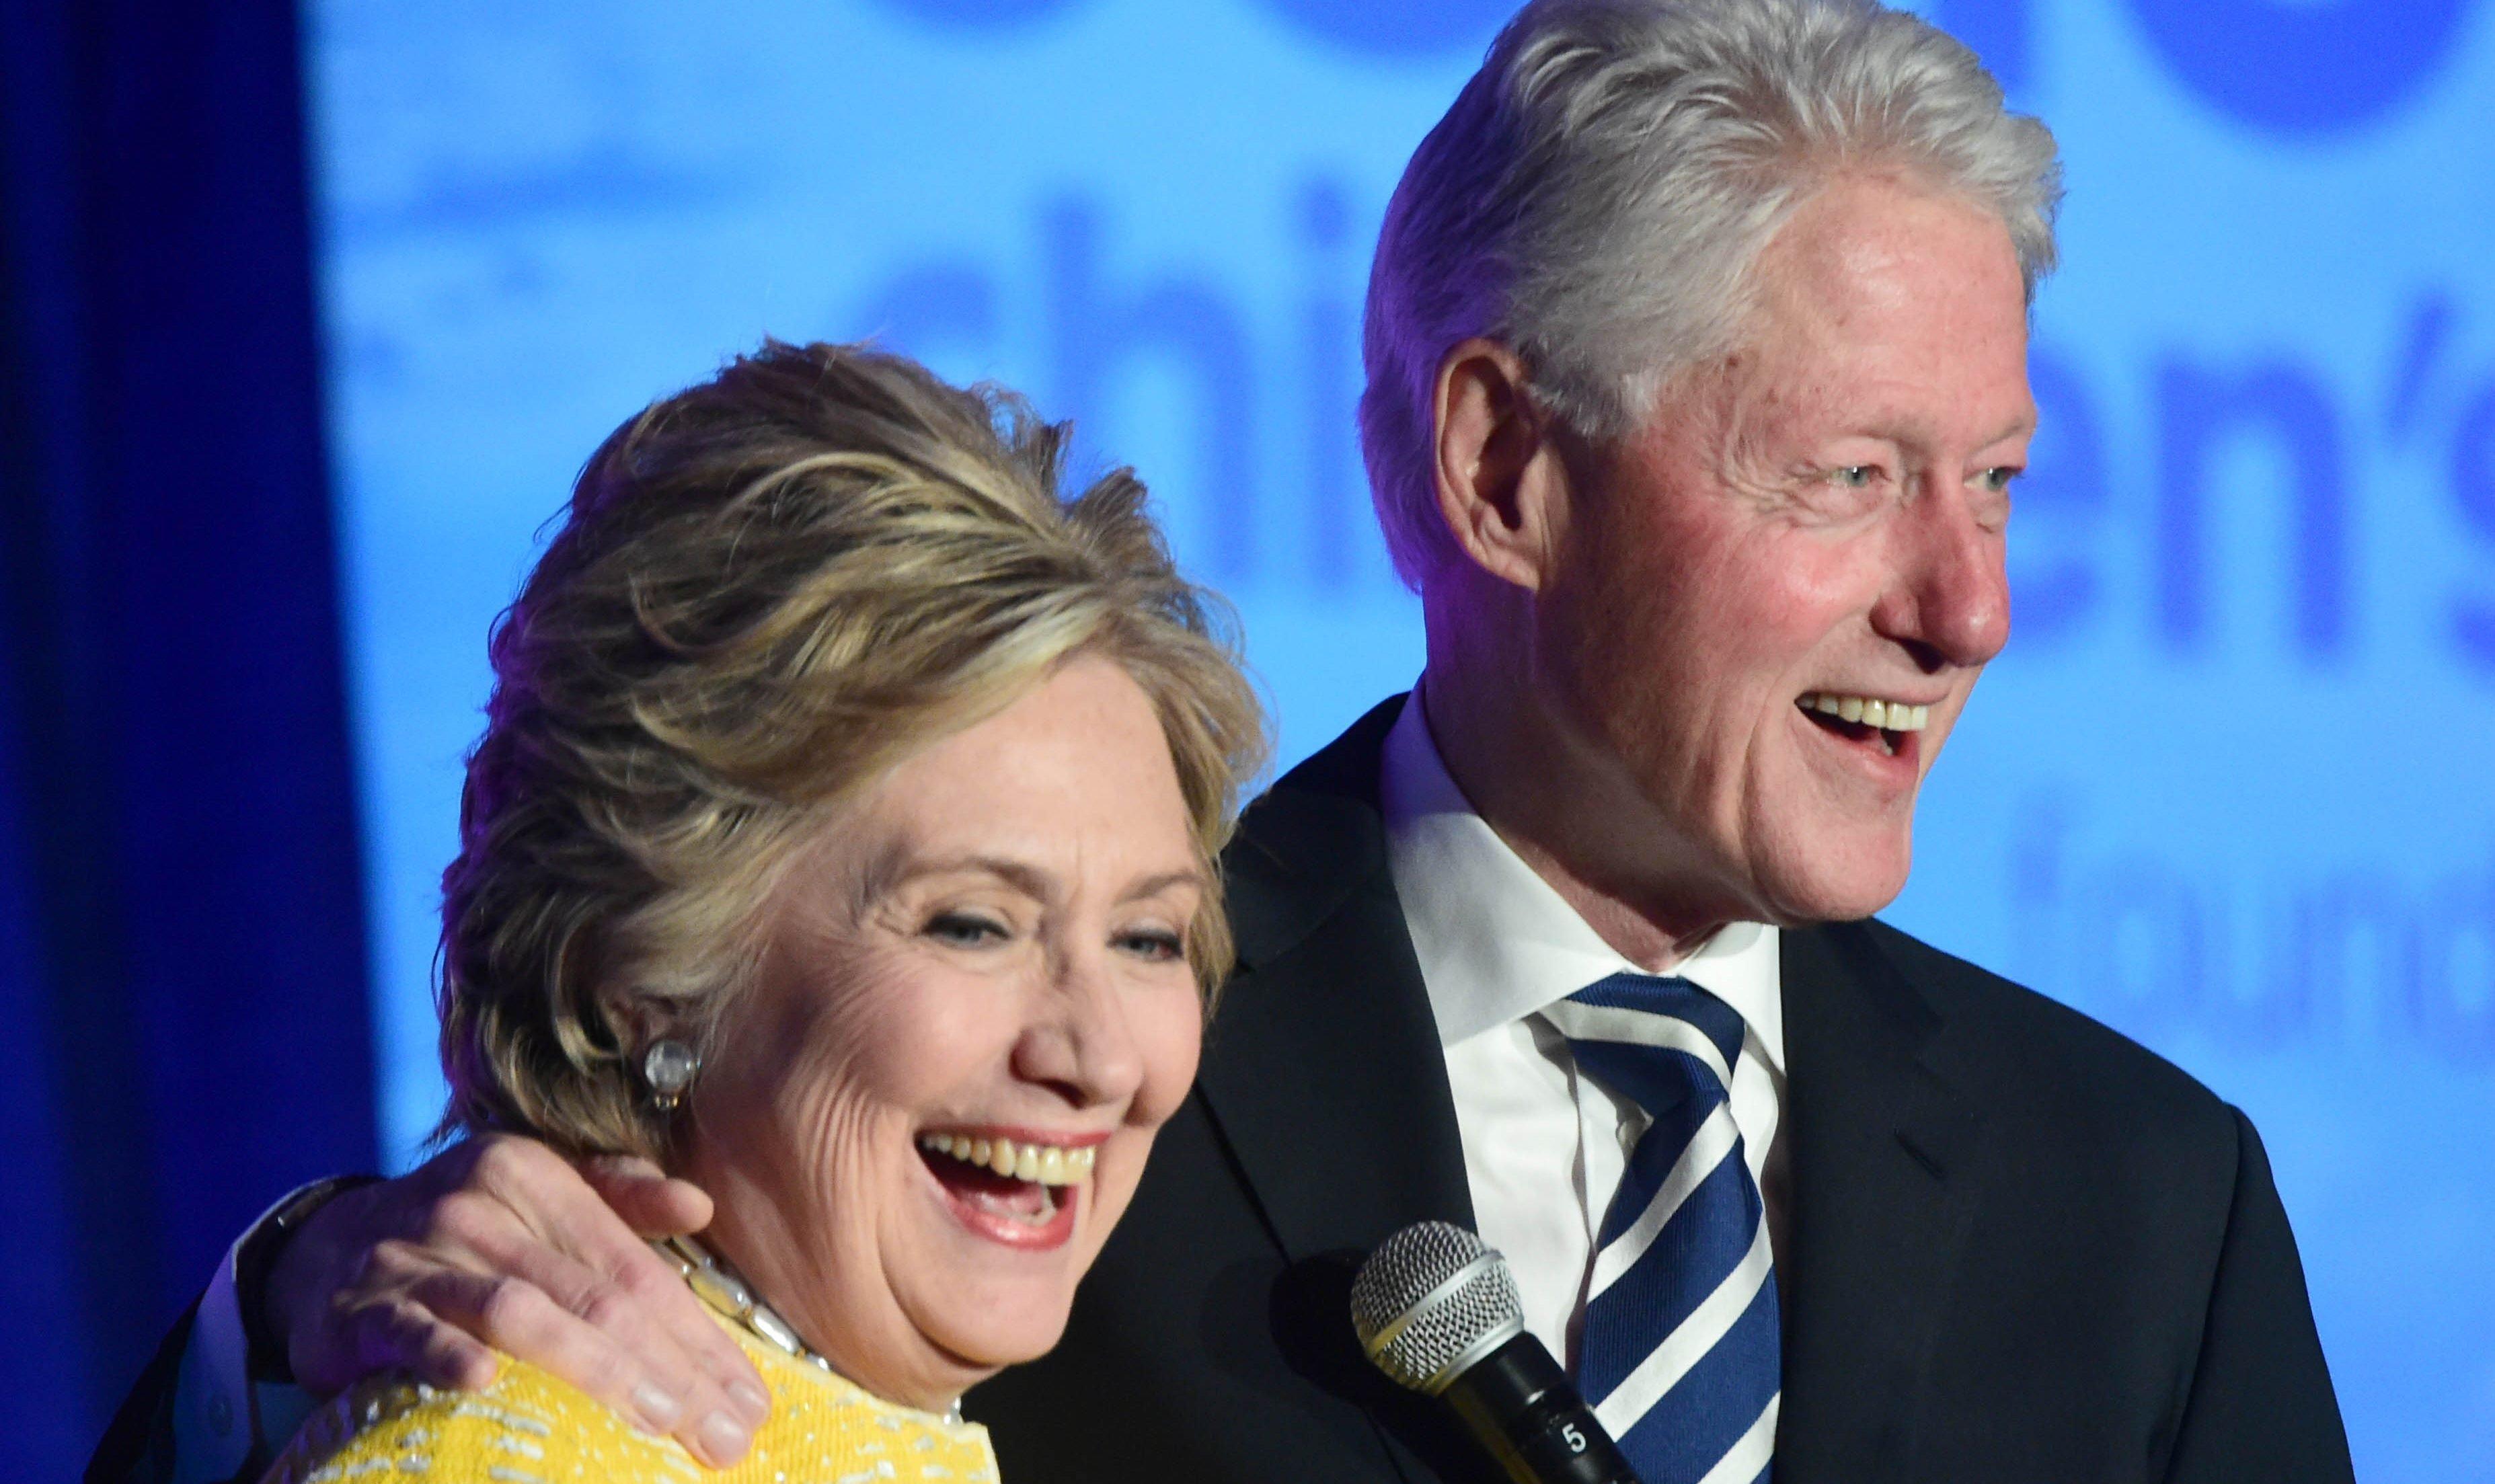 힐러리 클린턴이 빌 클린턴과 모니카 르윈스키 추문은 위력에 의한 행위가 아니었다고